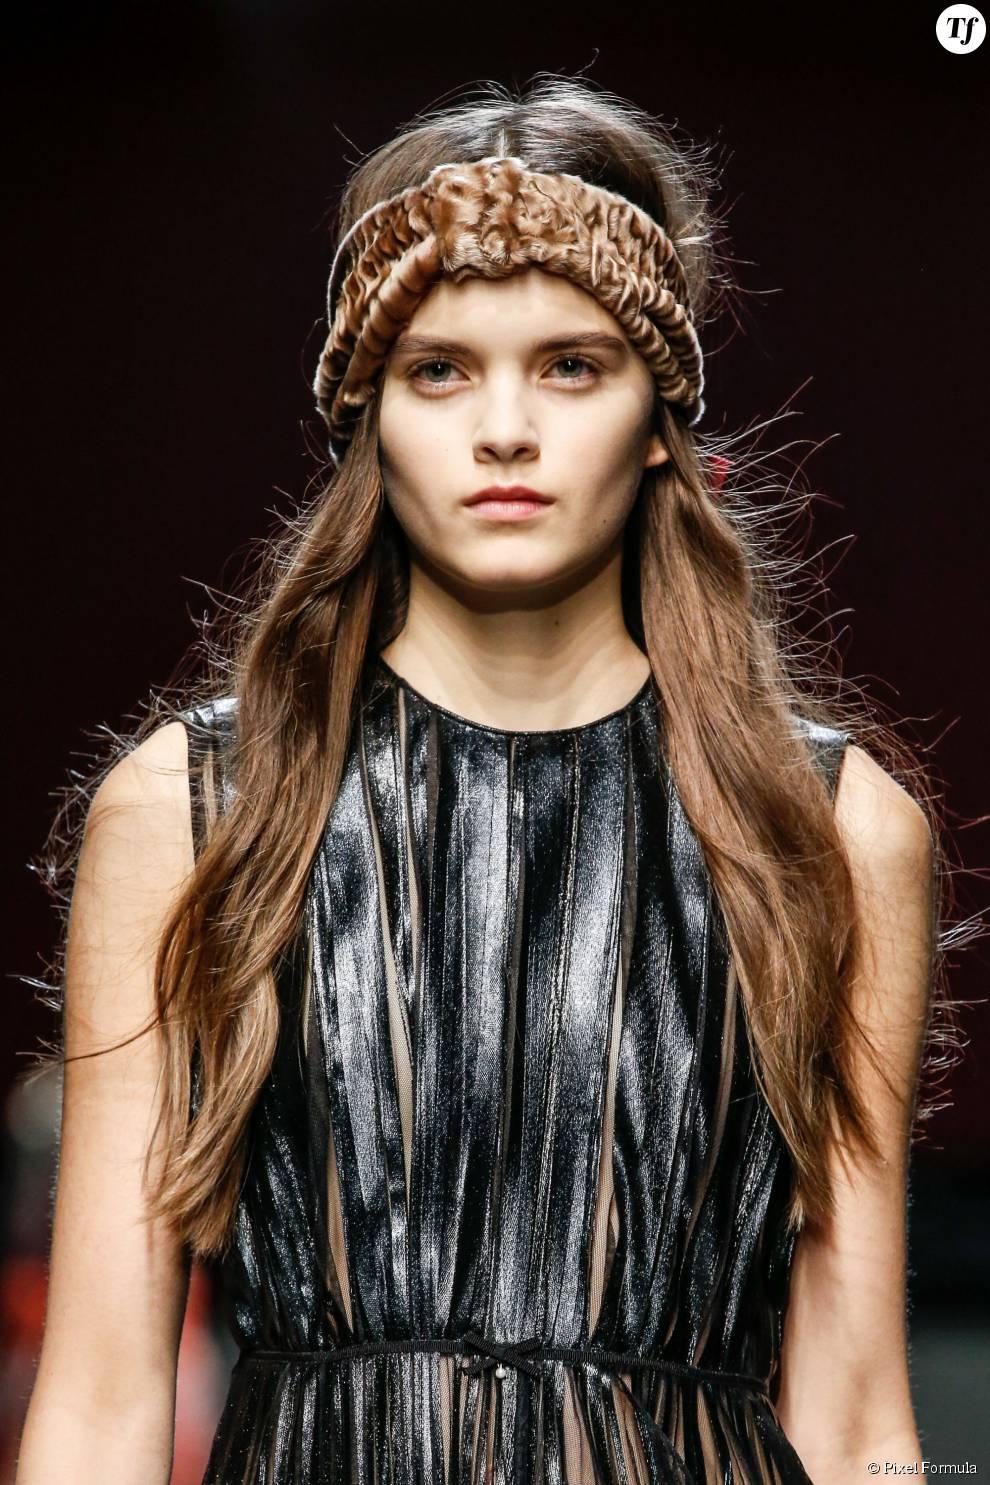 Bandeau en velours dans les cheveux au défilé Gucci automne-hiver 2015-2016.